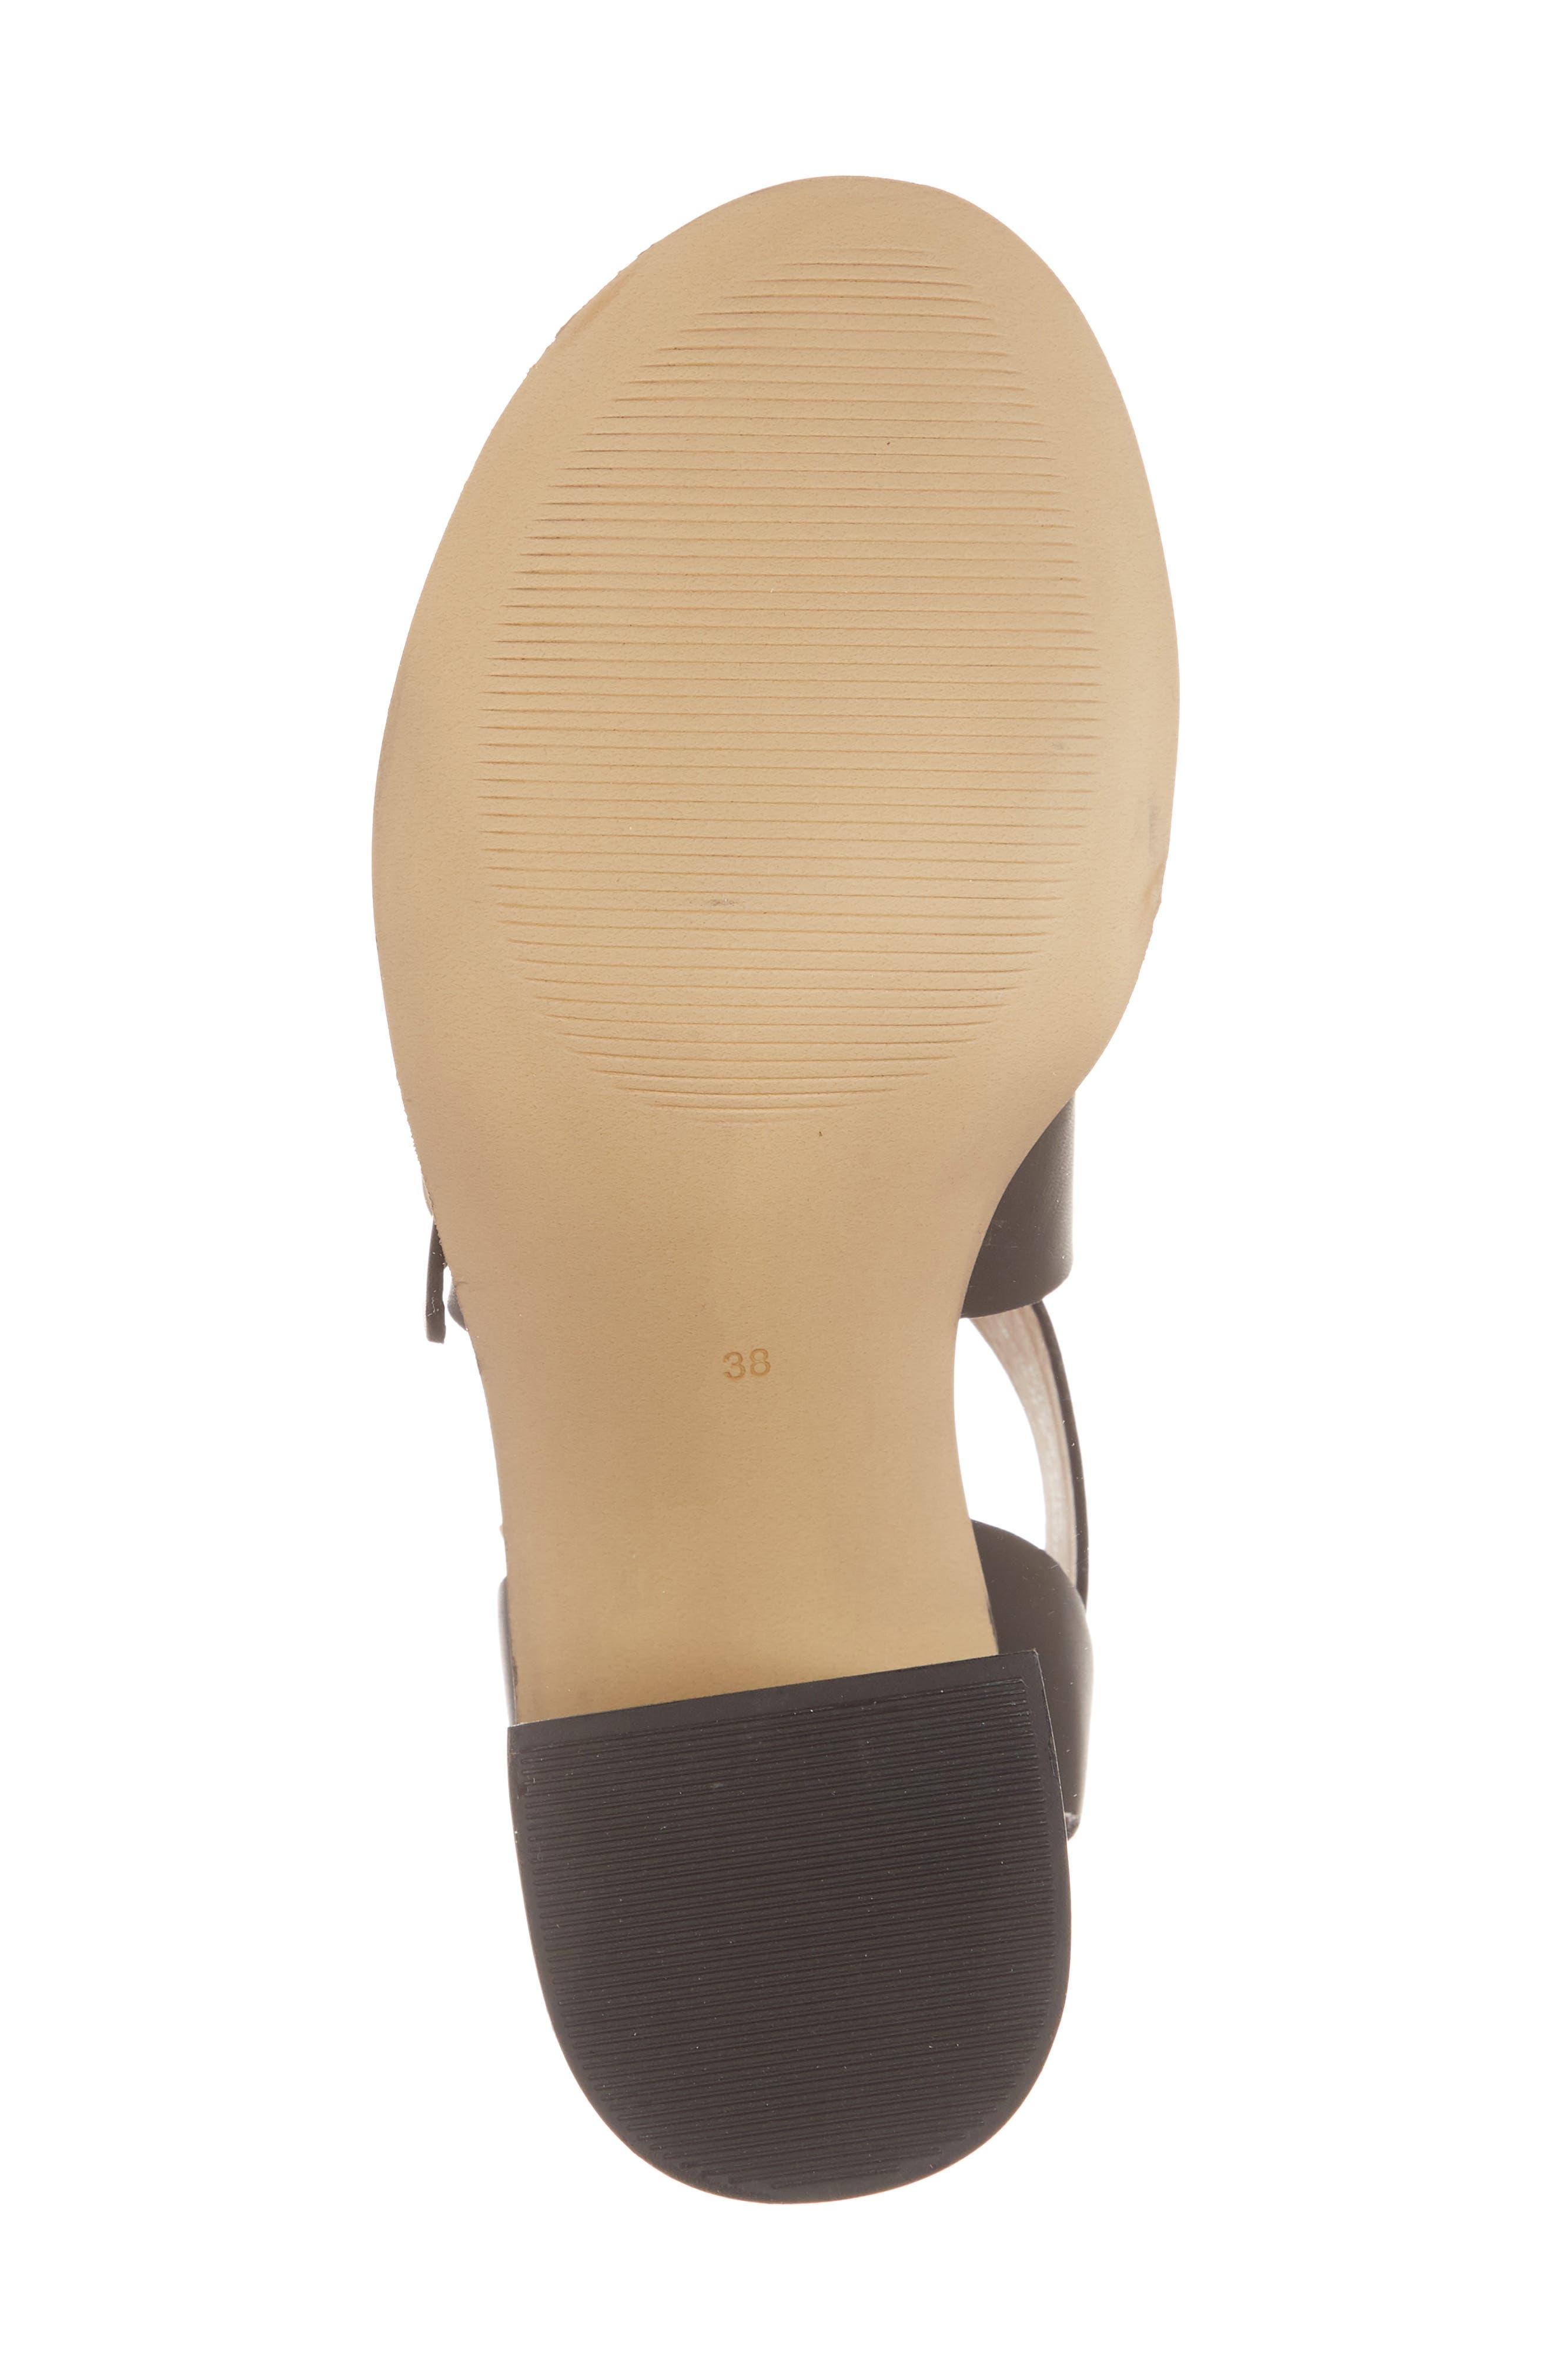 Natalie Buckled Cross Strap Sandal,                             Alternate thumbnail 6, color,                             Black Multi